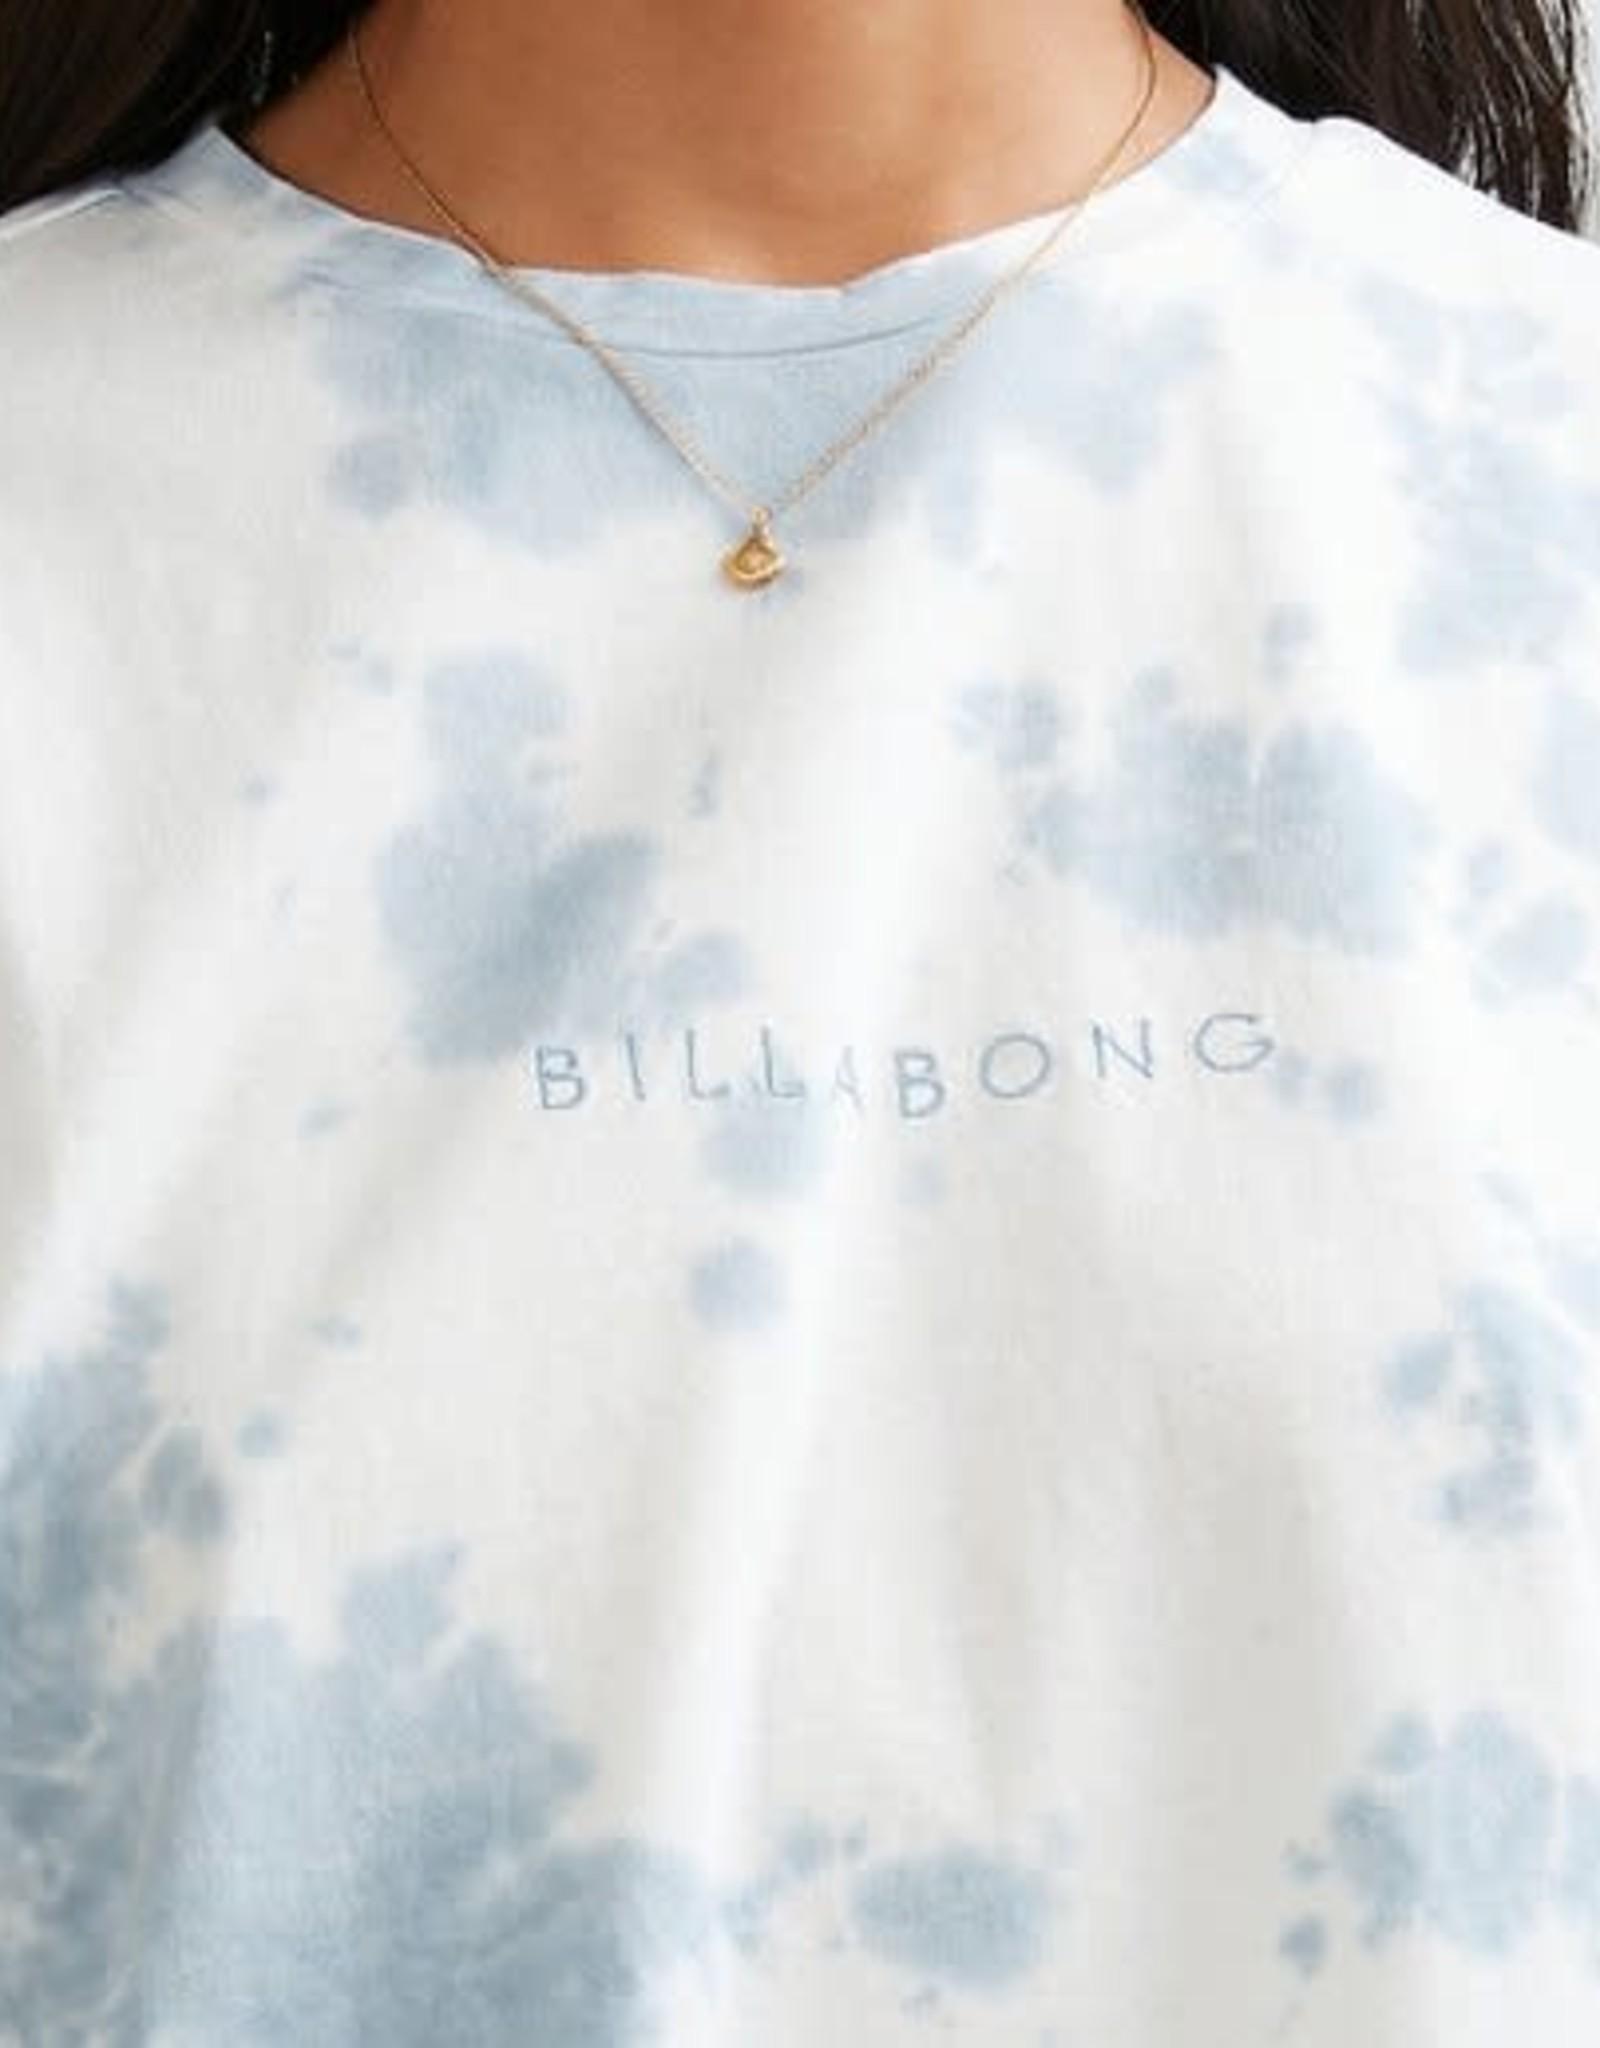 BILLABONG Bluesday Tie Dye Tee